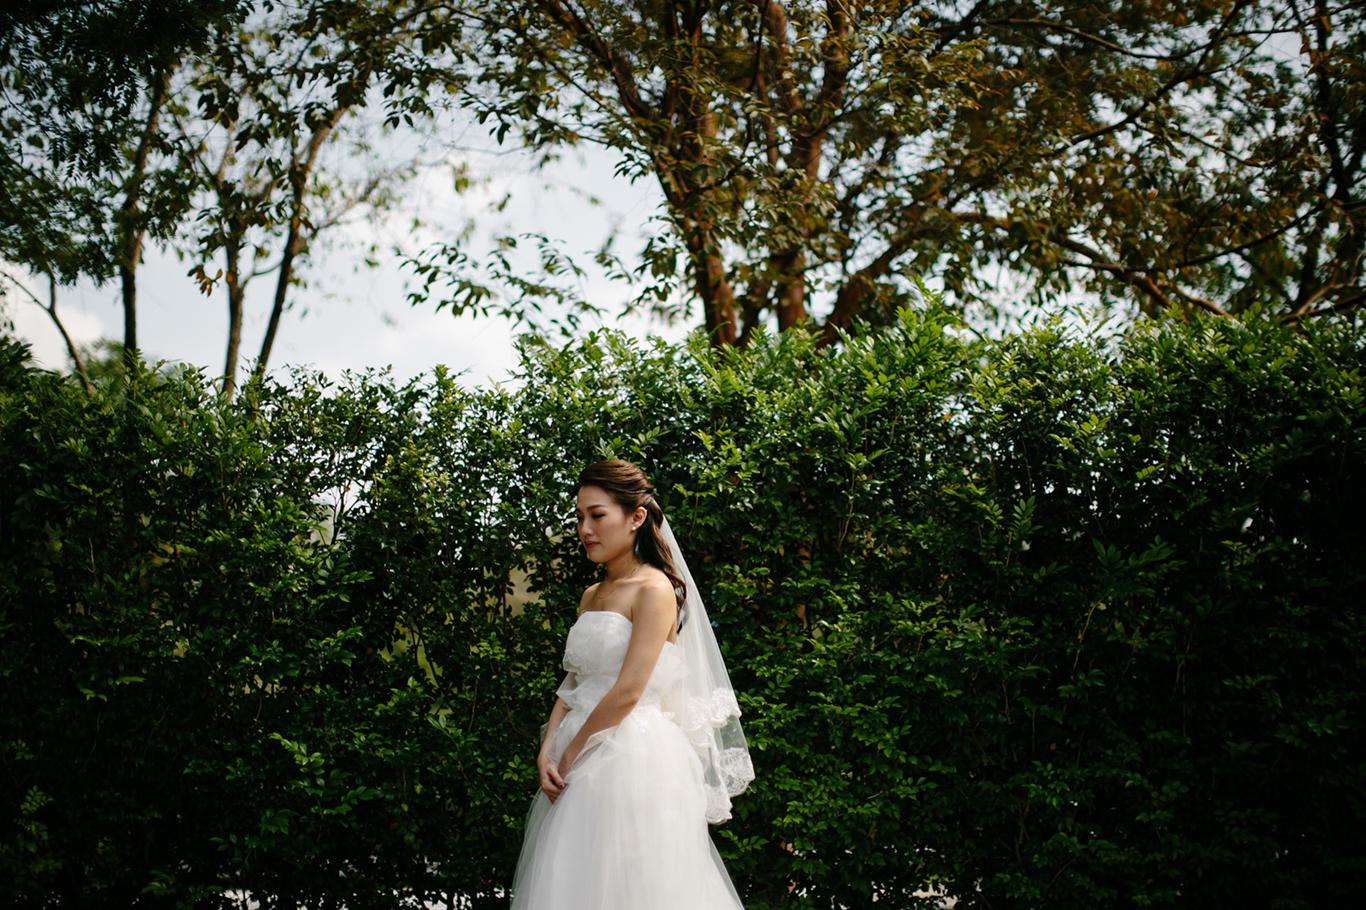 47-hellojanelee-amazing-wedding-2015-malaysia